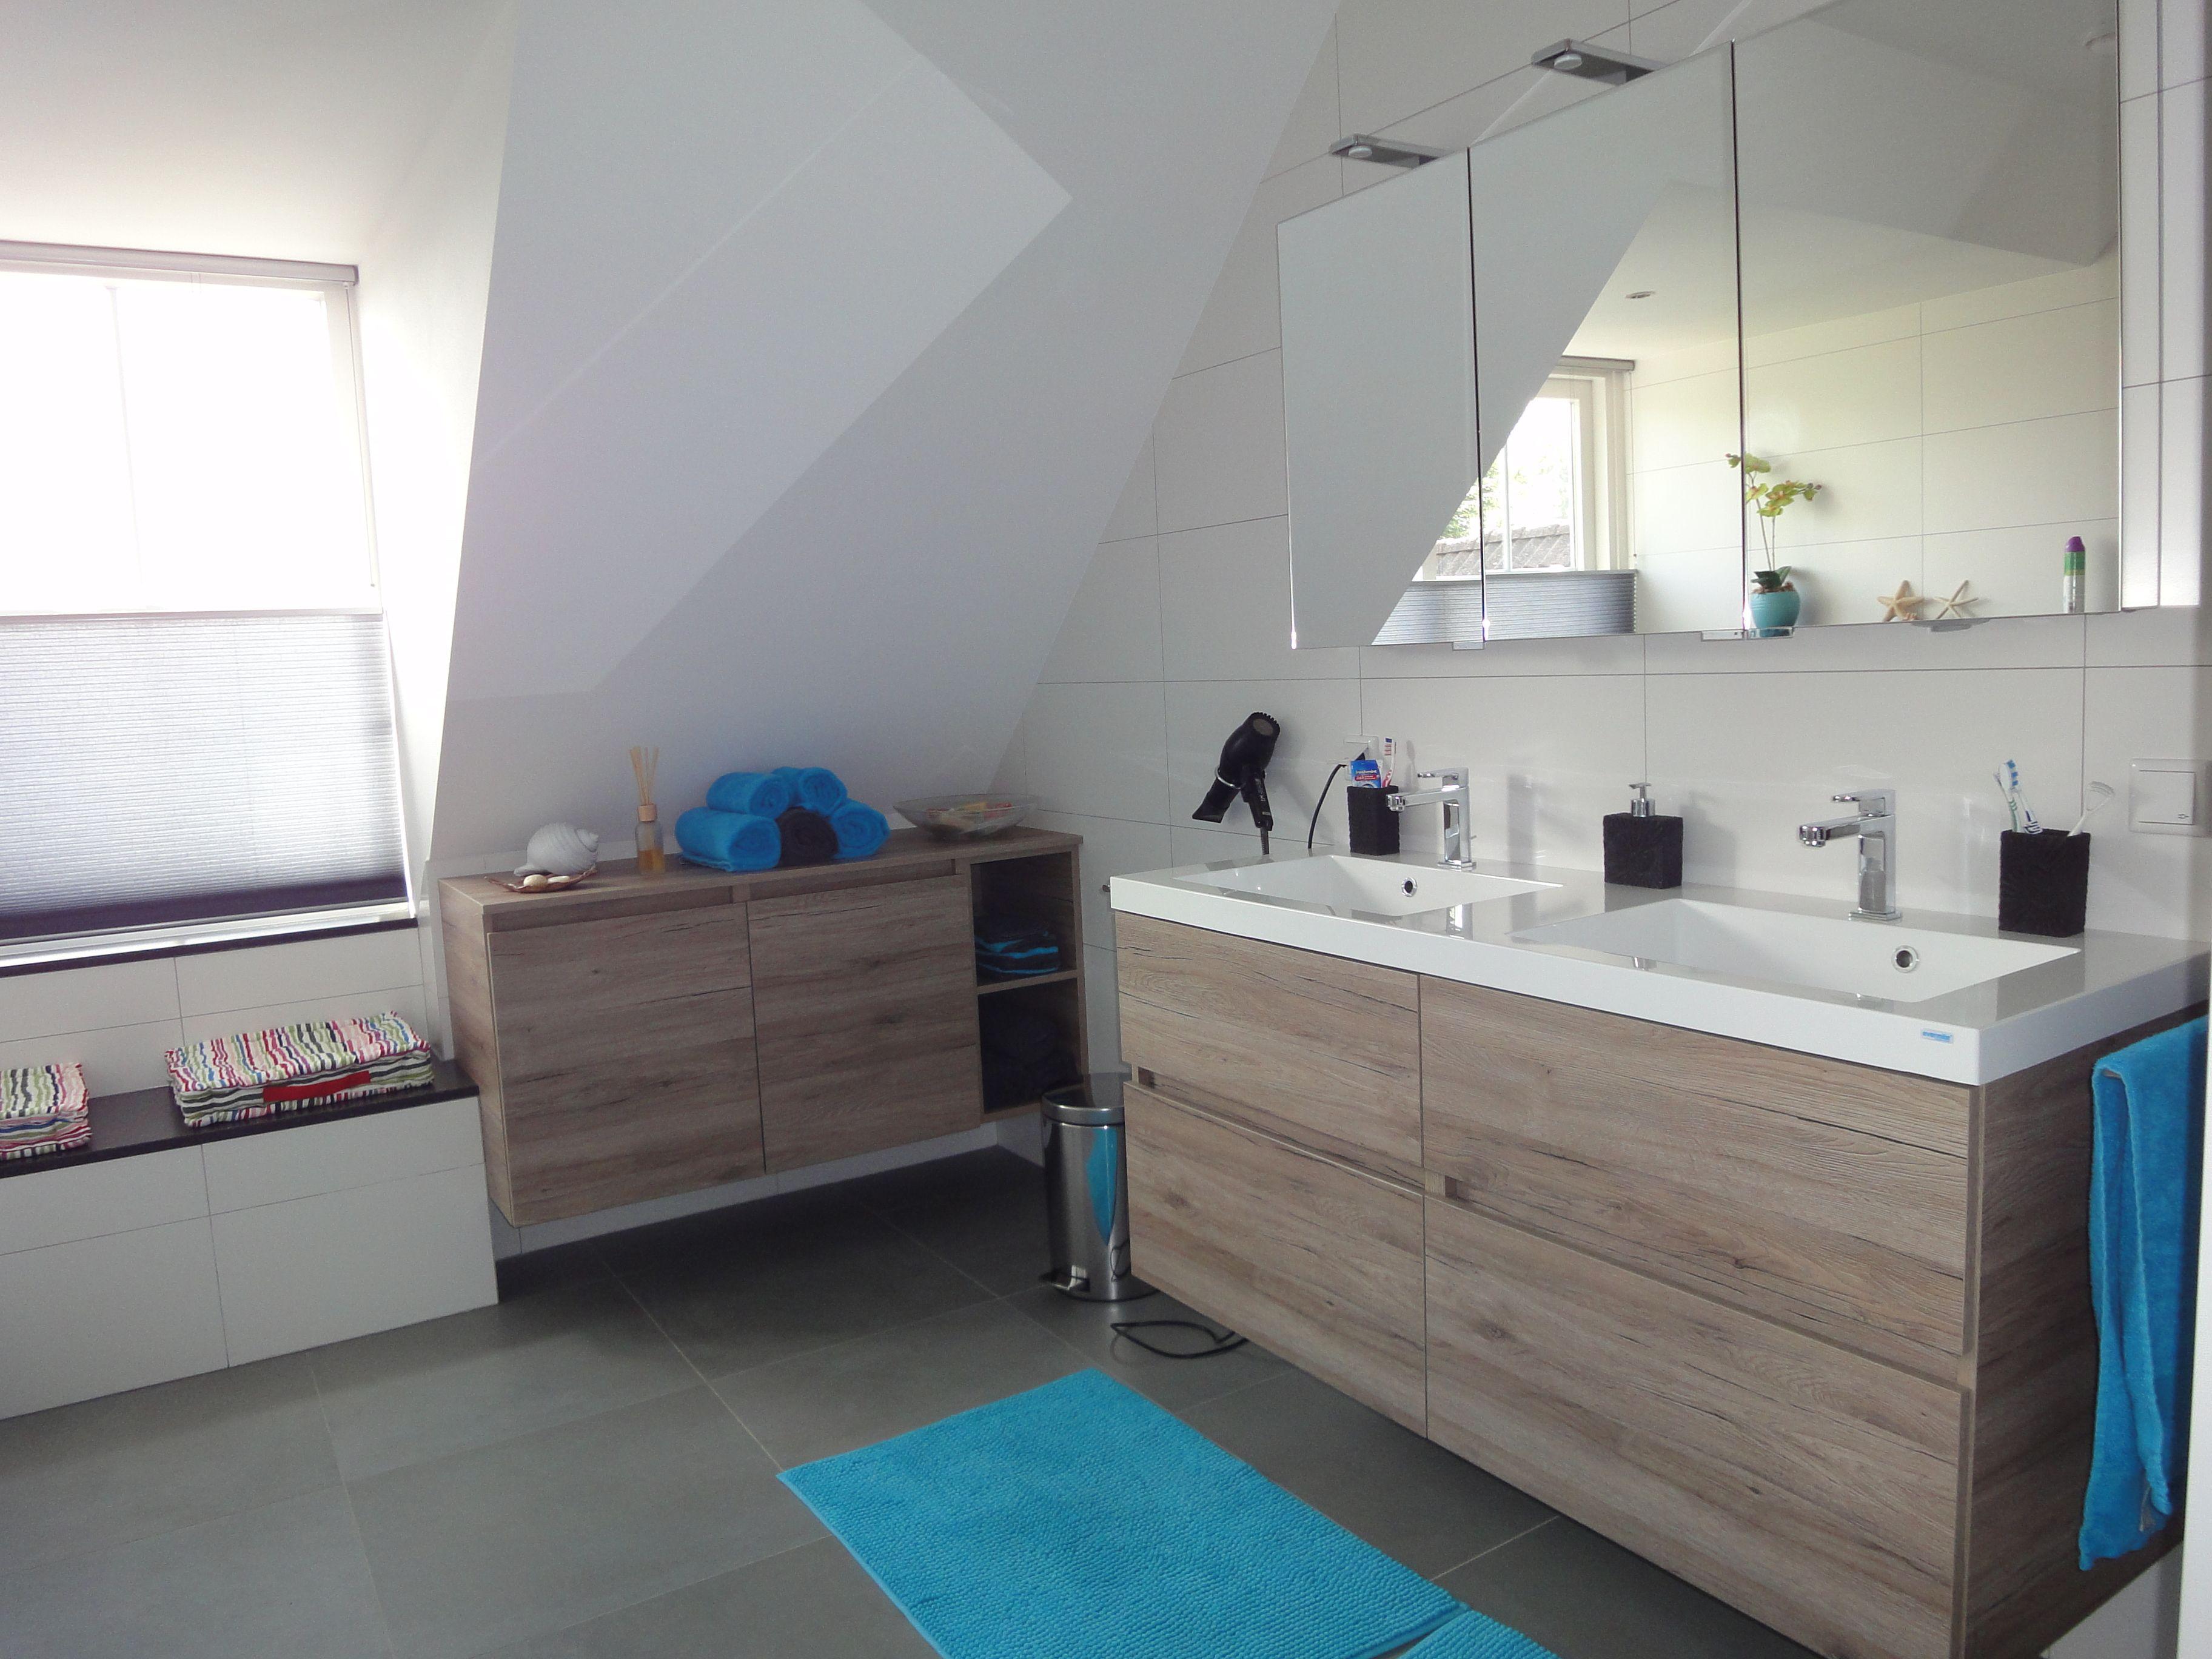 Badkamer Renovatie Deurne : Gerealiseerde sfeervolle badkamer in bakel waarbij de wasmanden in